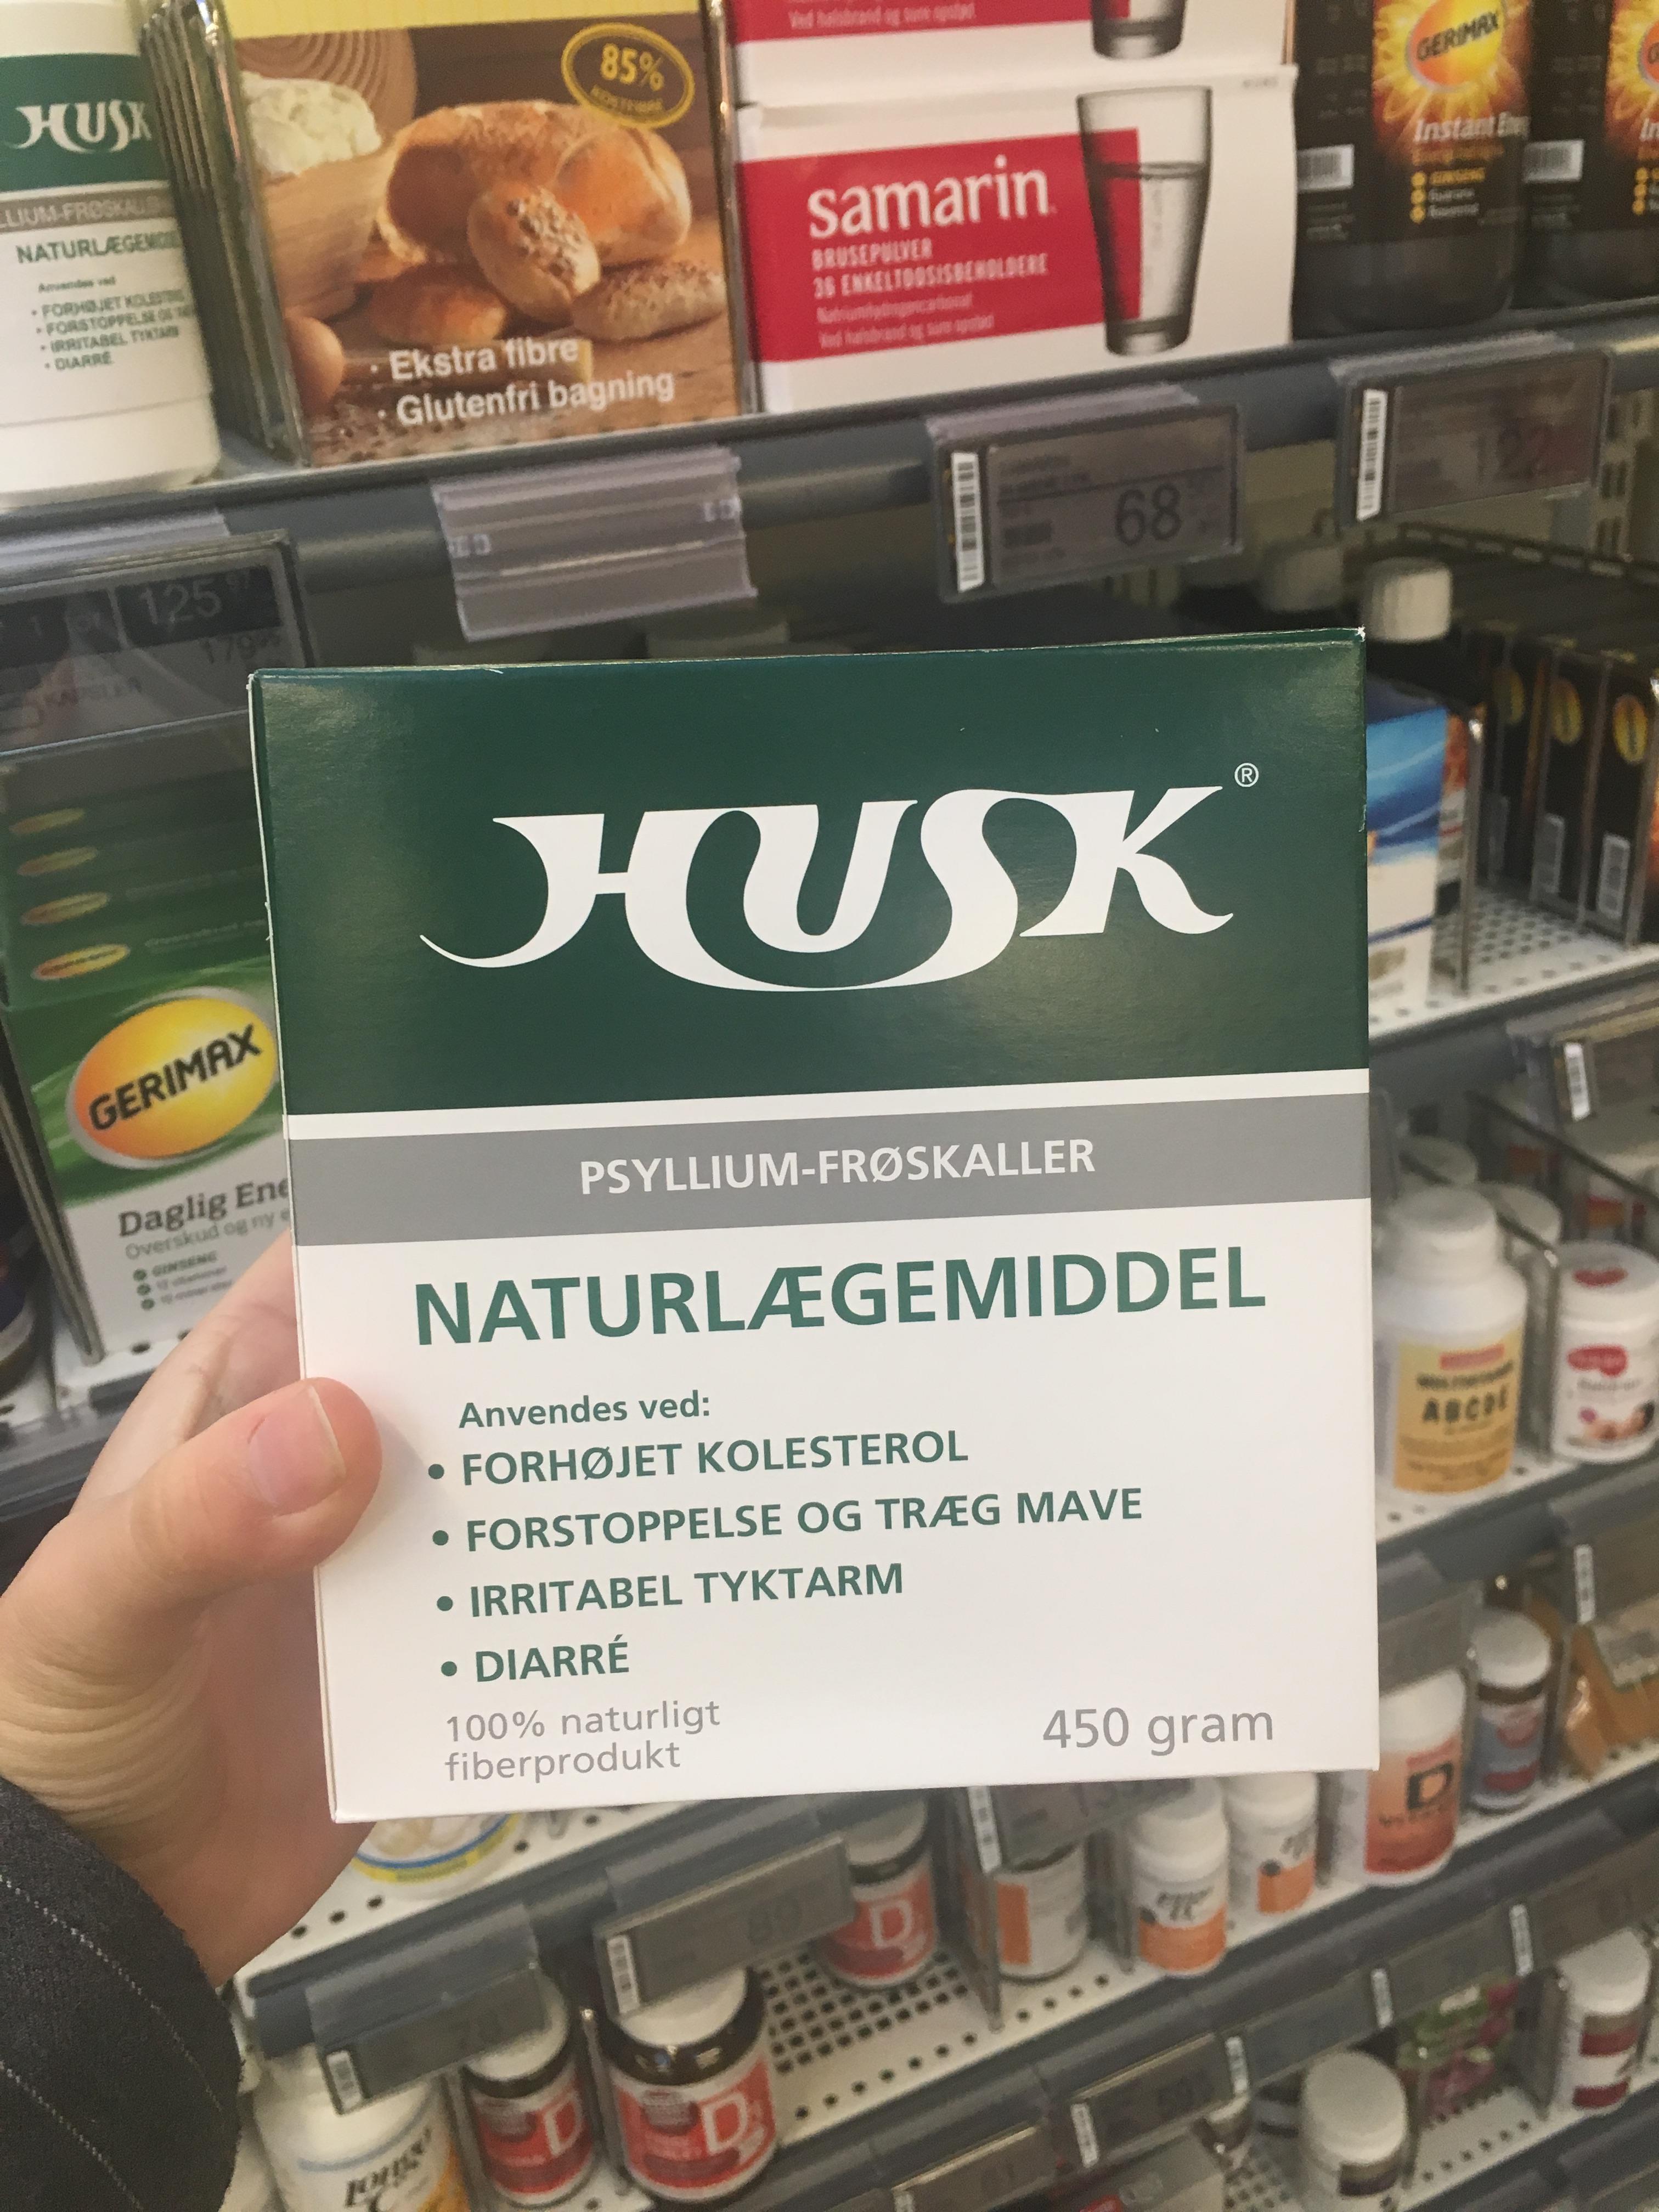 丹麦husk微纤维素 车前子壳 缓解便秘 呵护肠胃调理4盒起丹麦发货